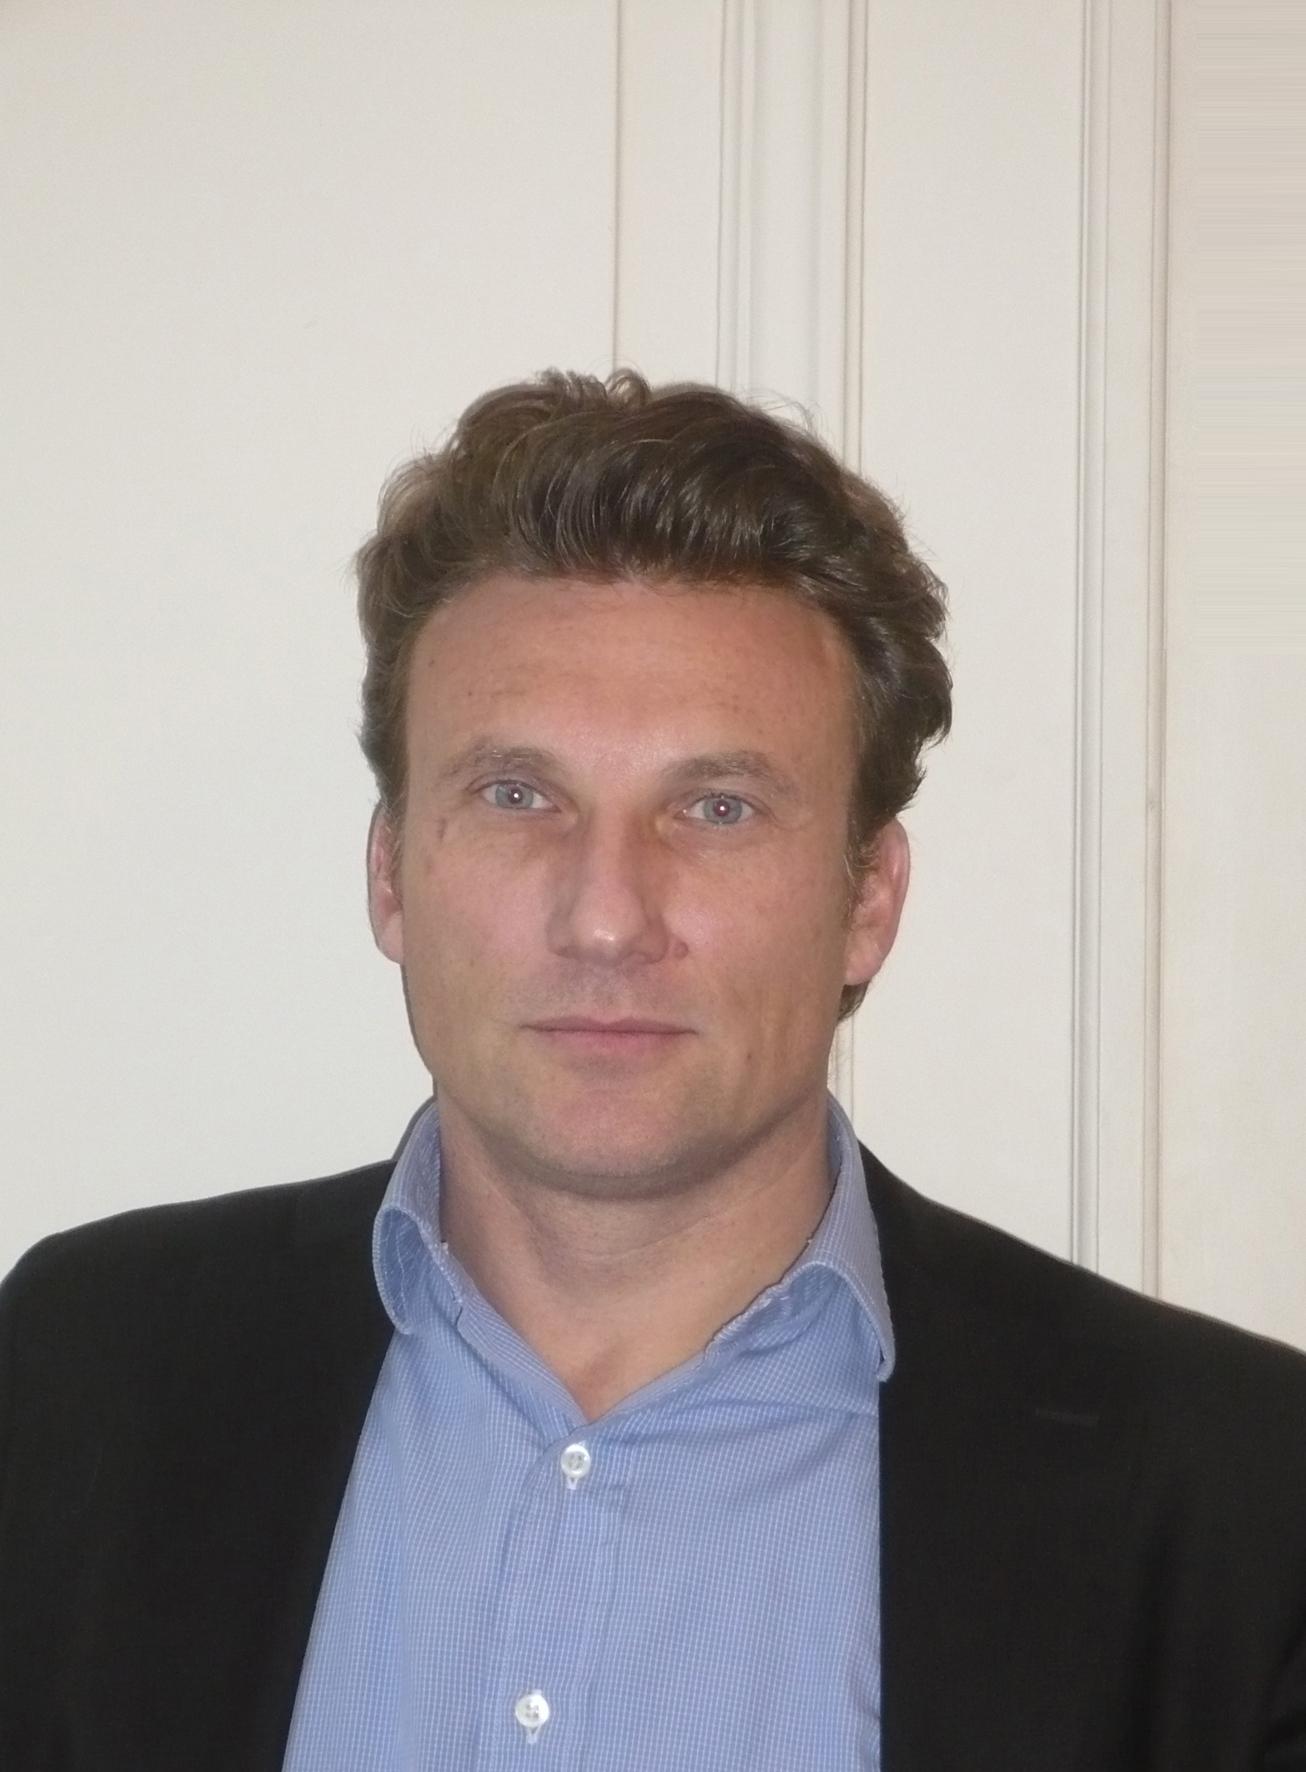 Jean-Pierre <b>Le Borgne</b>, Yuseo - jean-pierre-le-borgne-yuseo